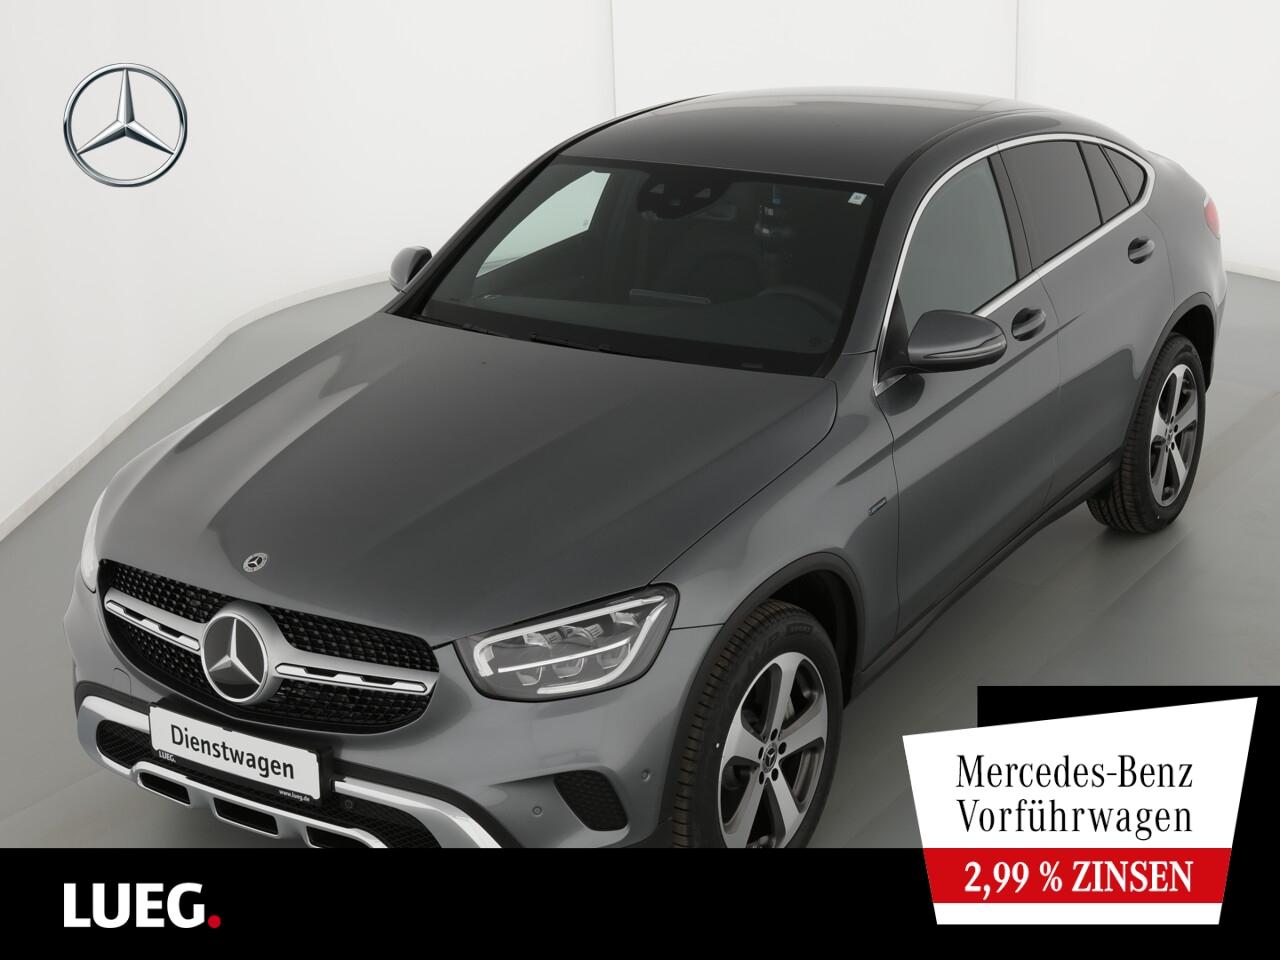 Mercedes-Benz GLC 300 de 4M Coupé EXCLUSIVE+19''+FAHRASS.+AHK, Jahr 2021, Hybrid_Diesel